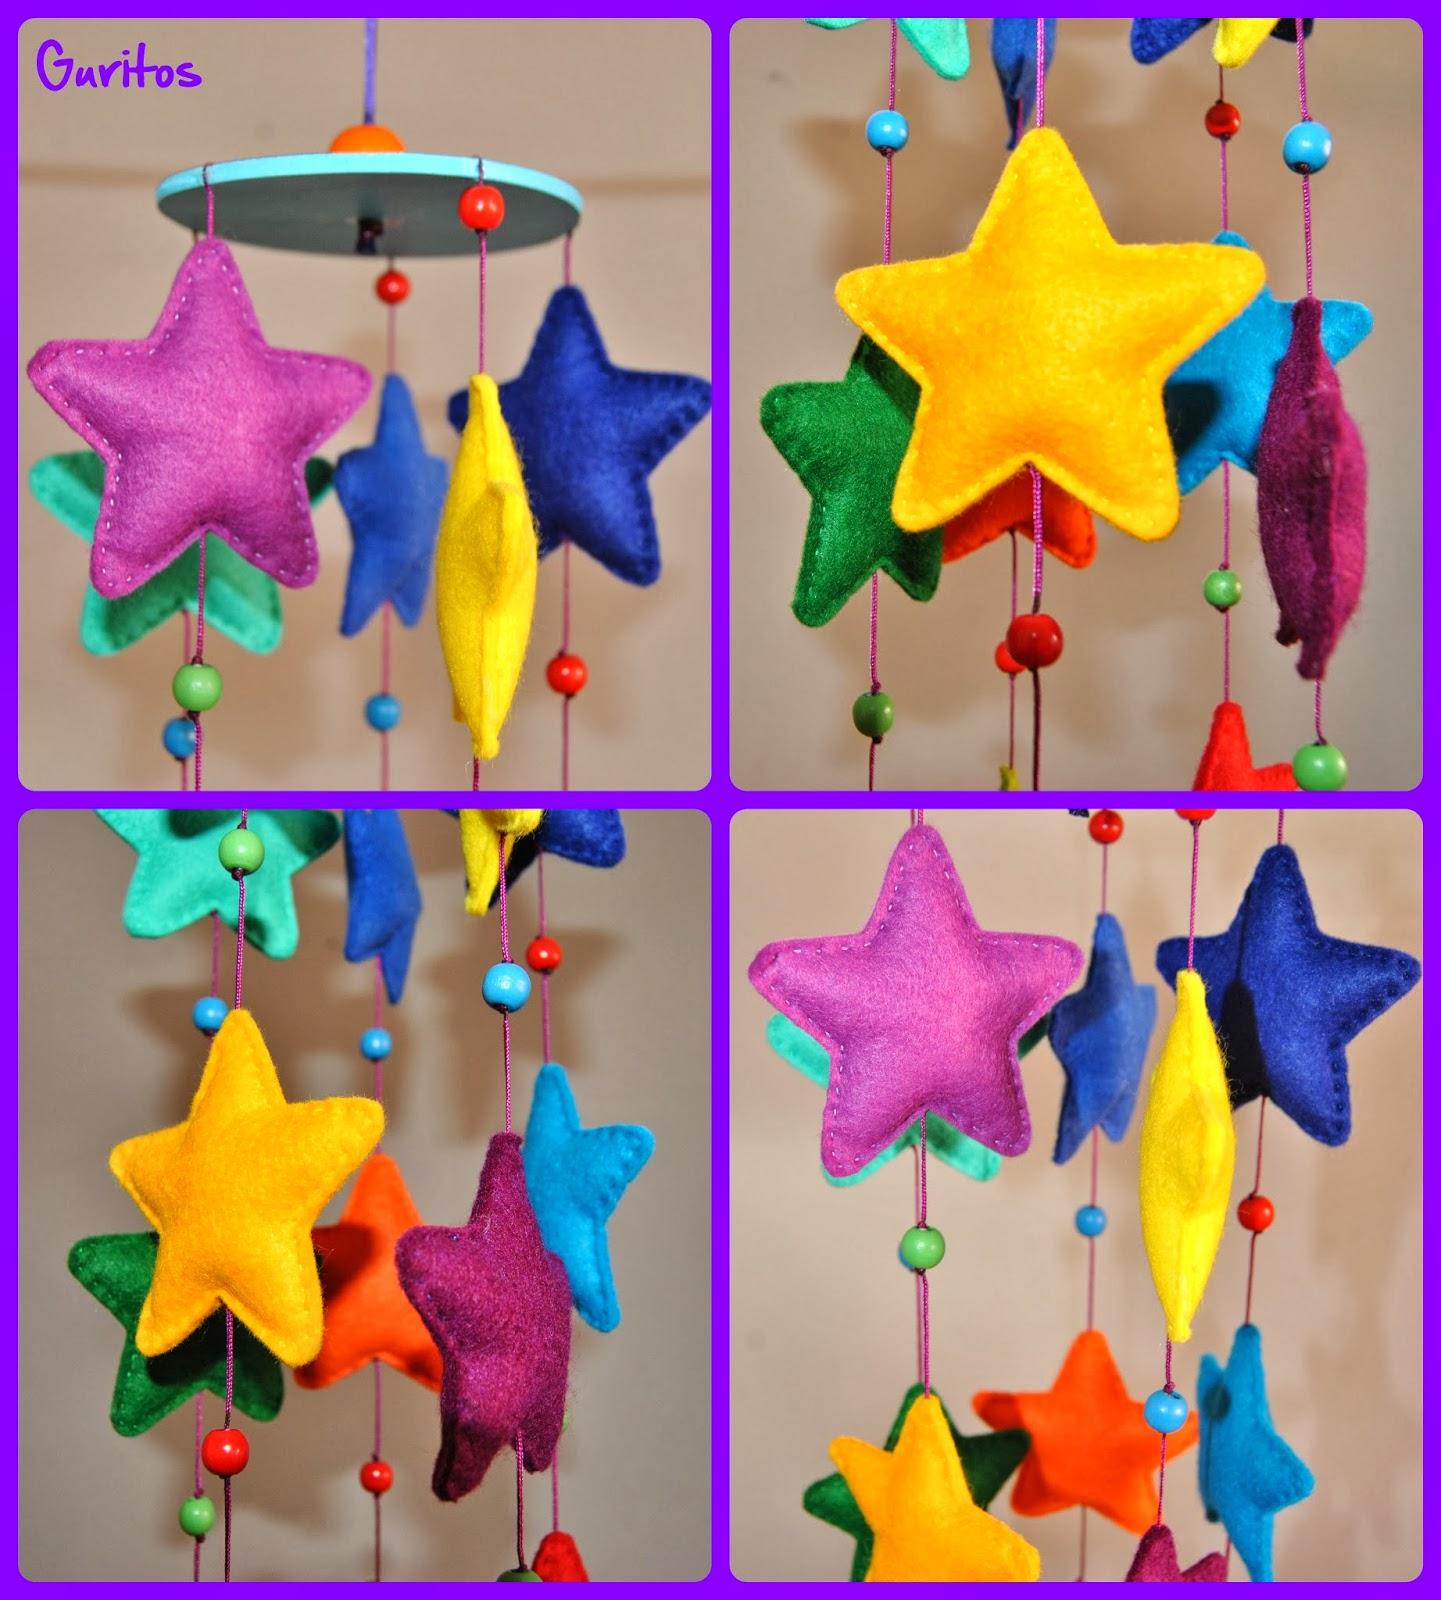 Guritos movil de estrellas for Primicias ya para movil